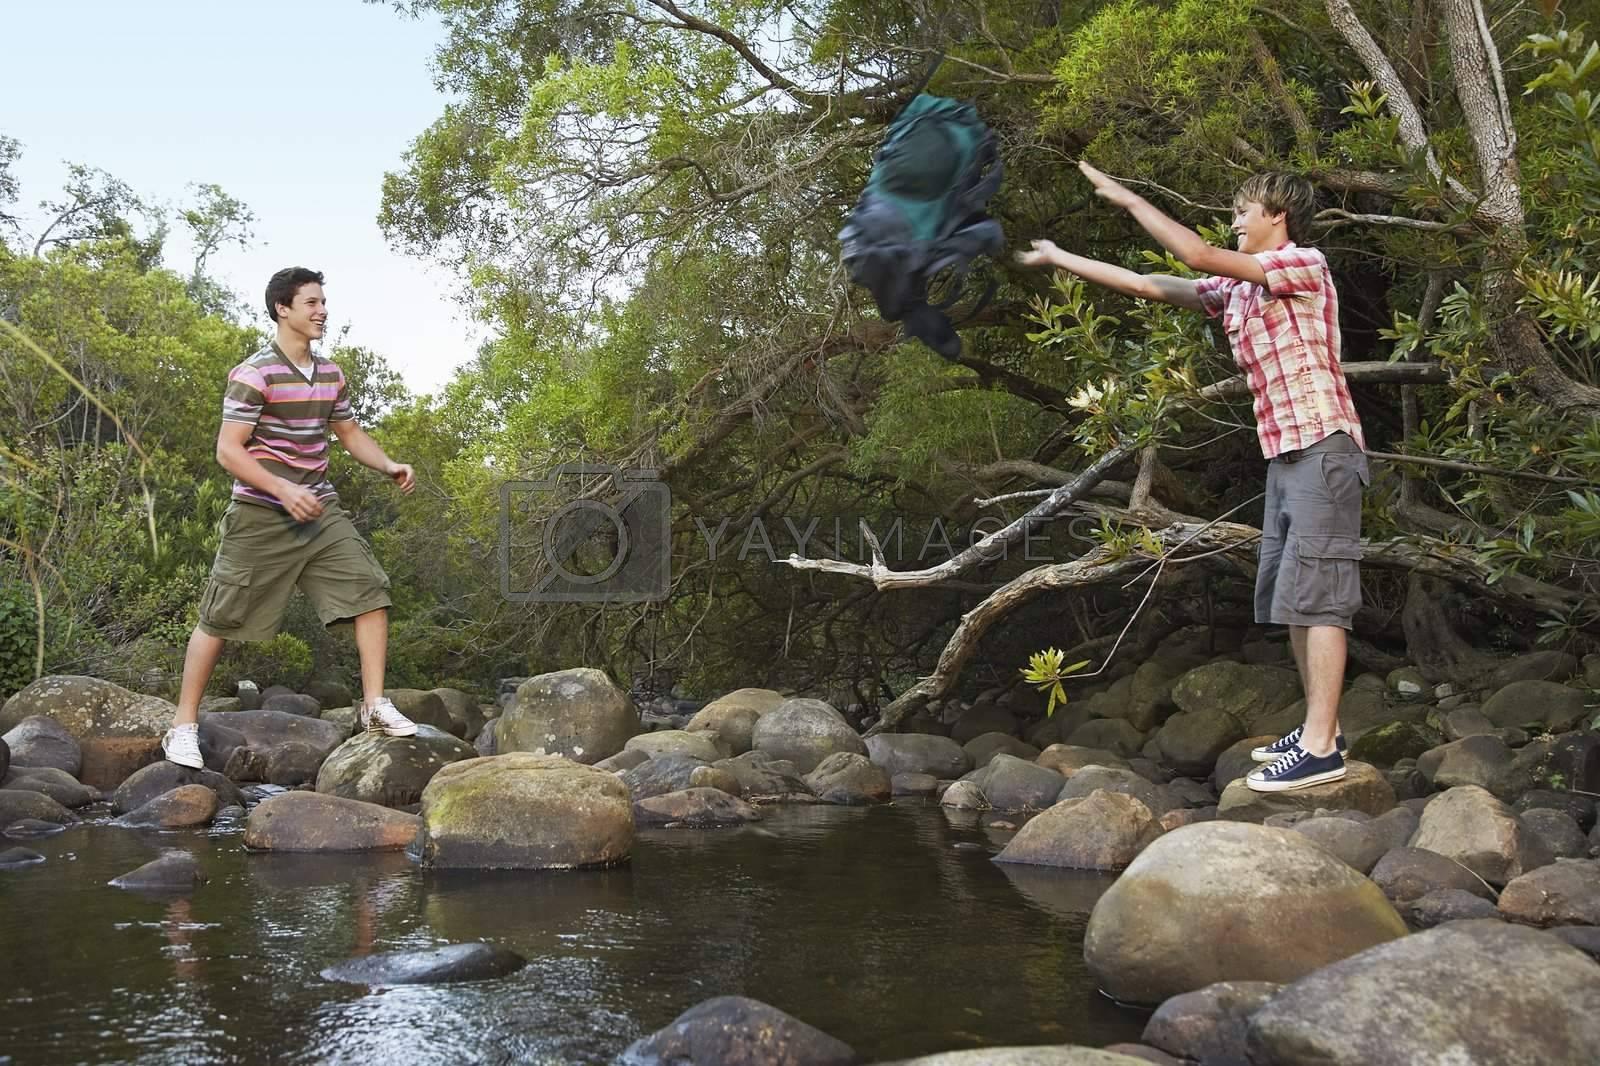 Young Man Throwing Backpack Across Creek